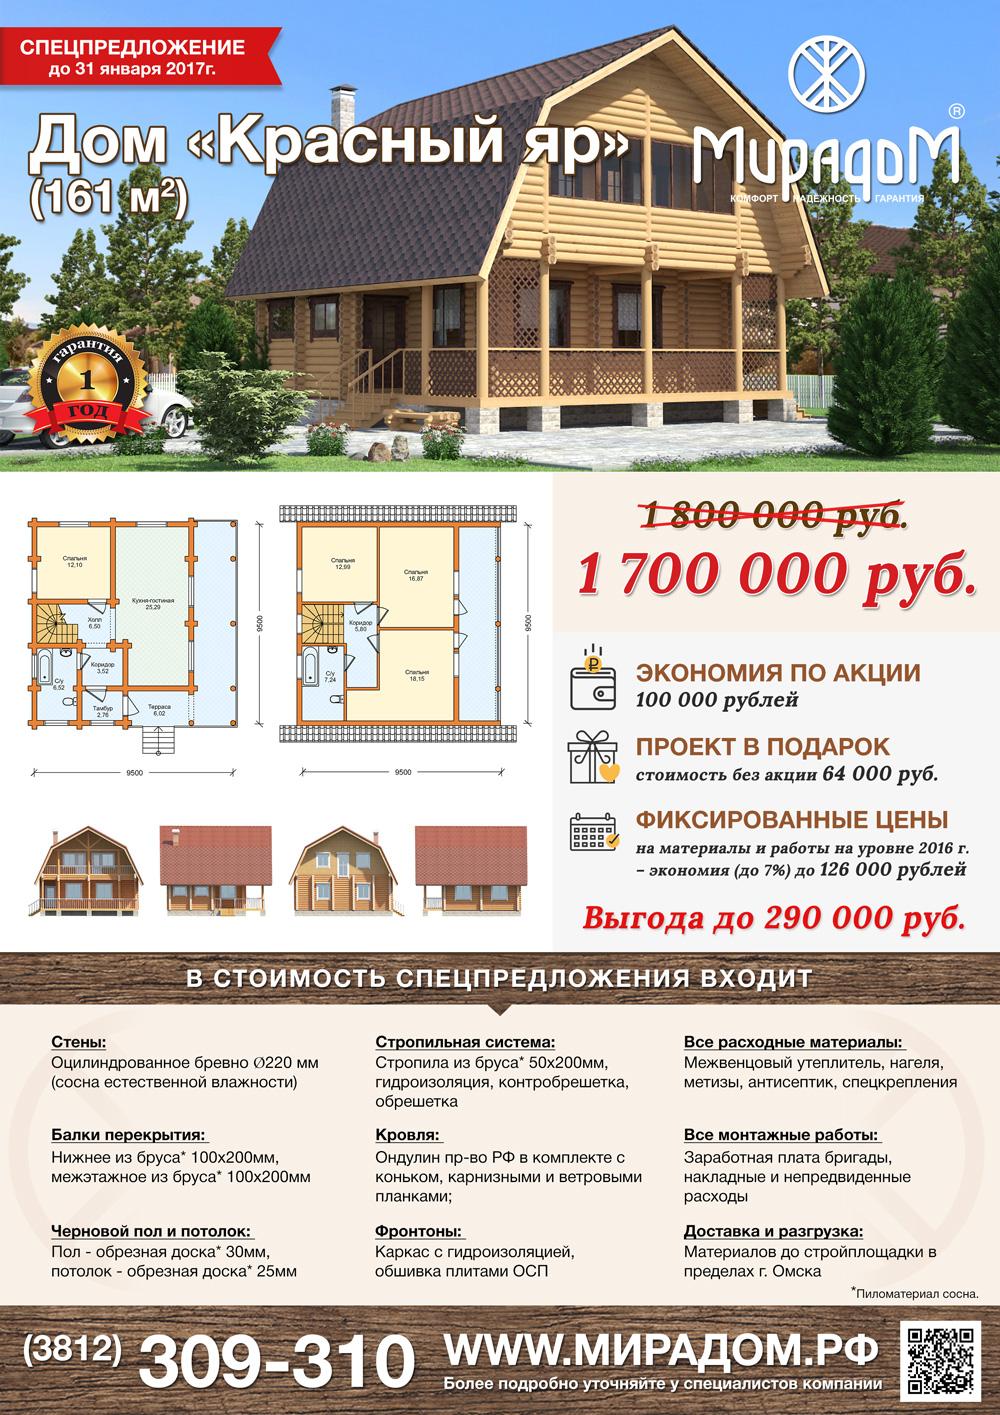 Спецпредложение дома Красный яр